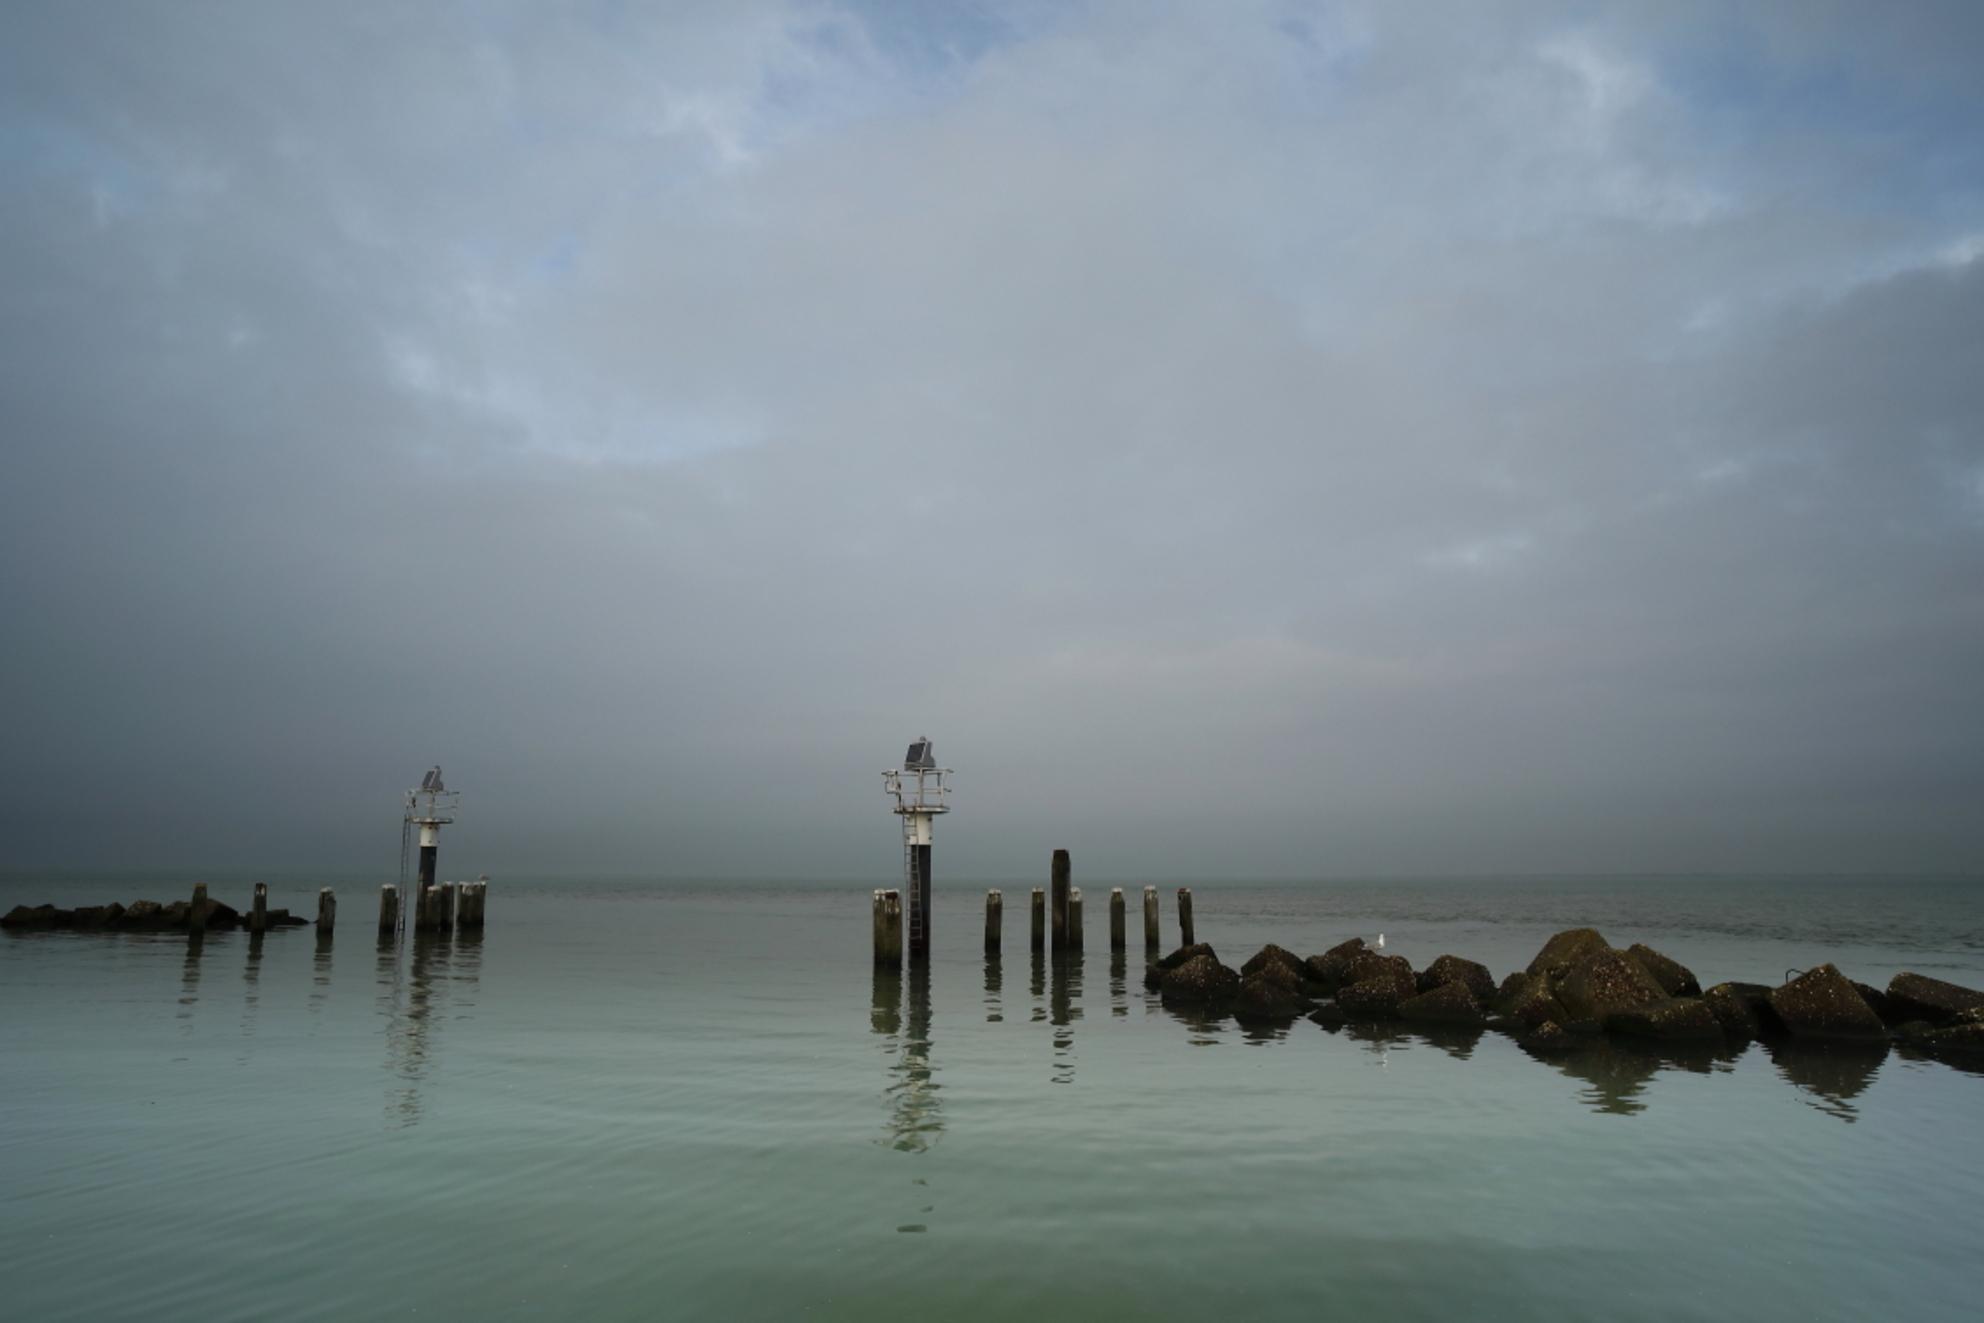 havenhoofd Colijnsplaat - - - foto door jvriens op 03-02-2021 - deze foto bevat: zee, natuur, landschap, haven, kust, havenhoofd